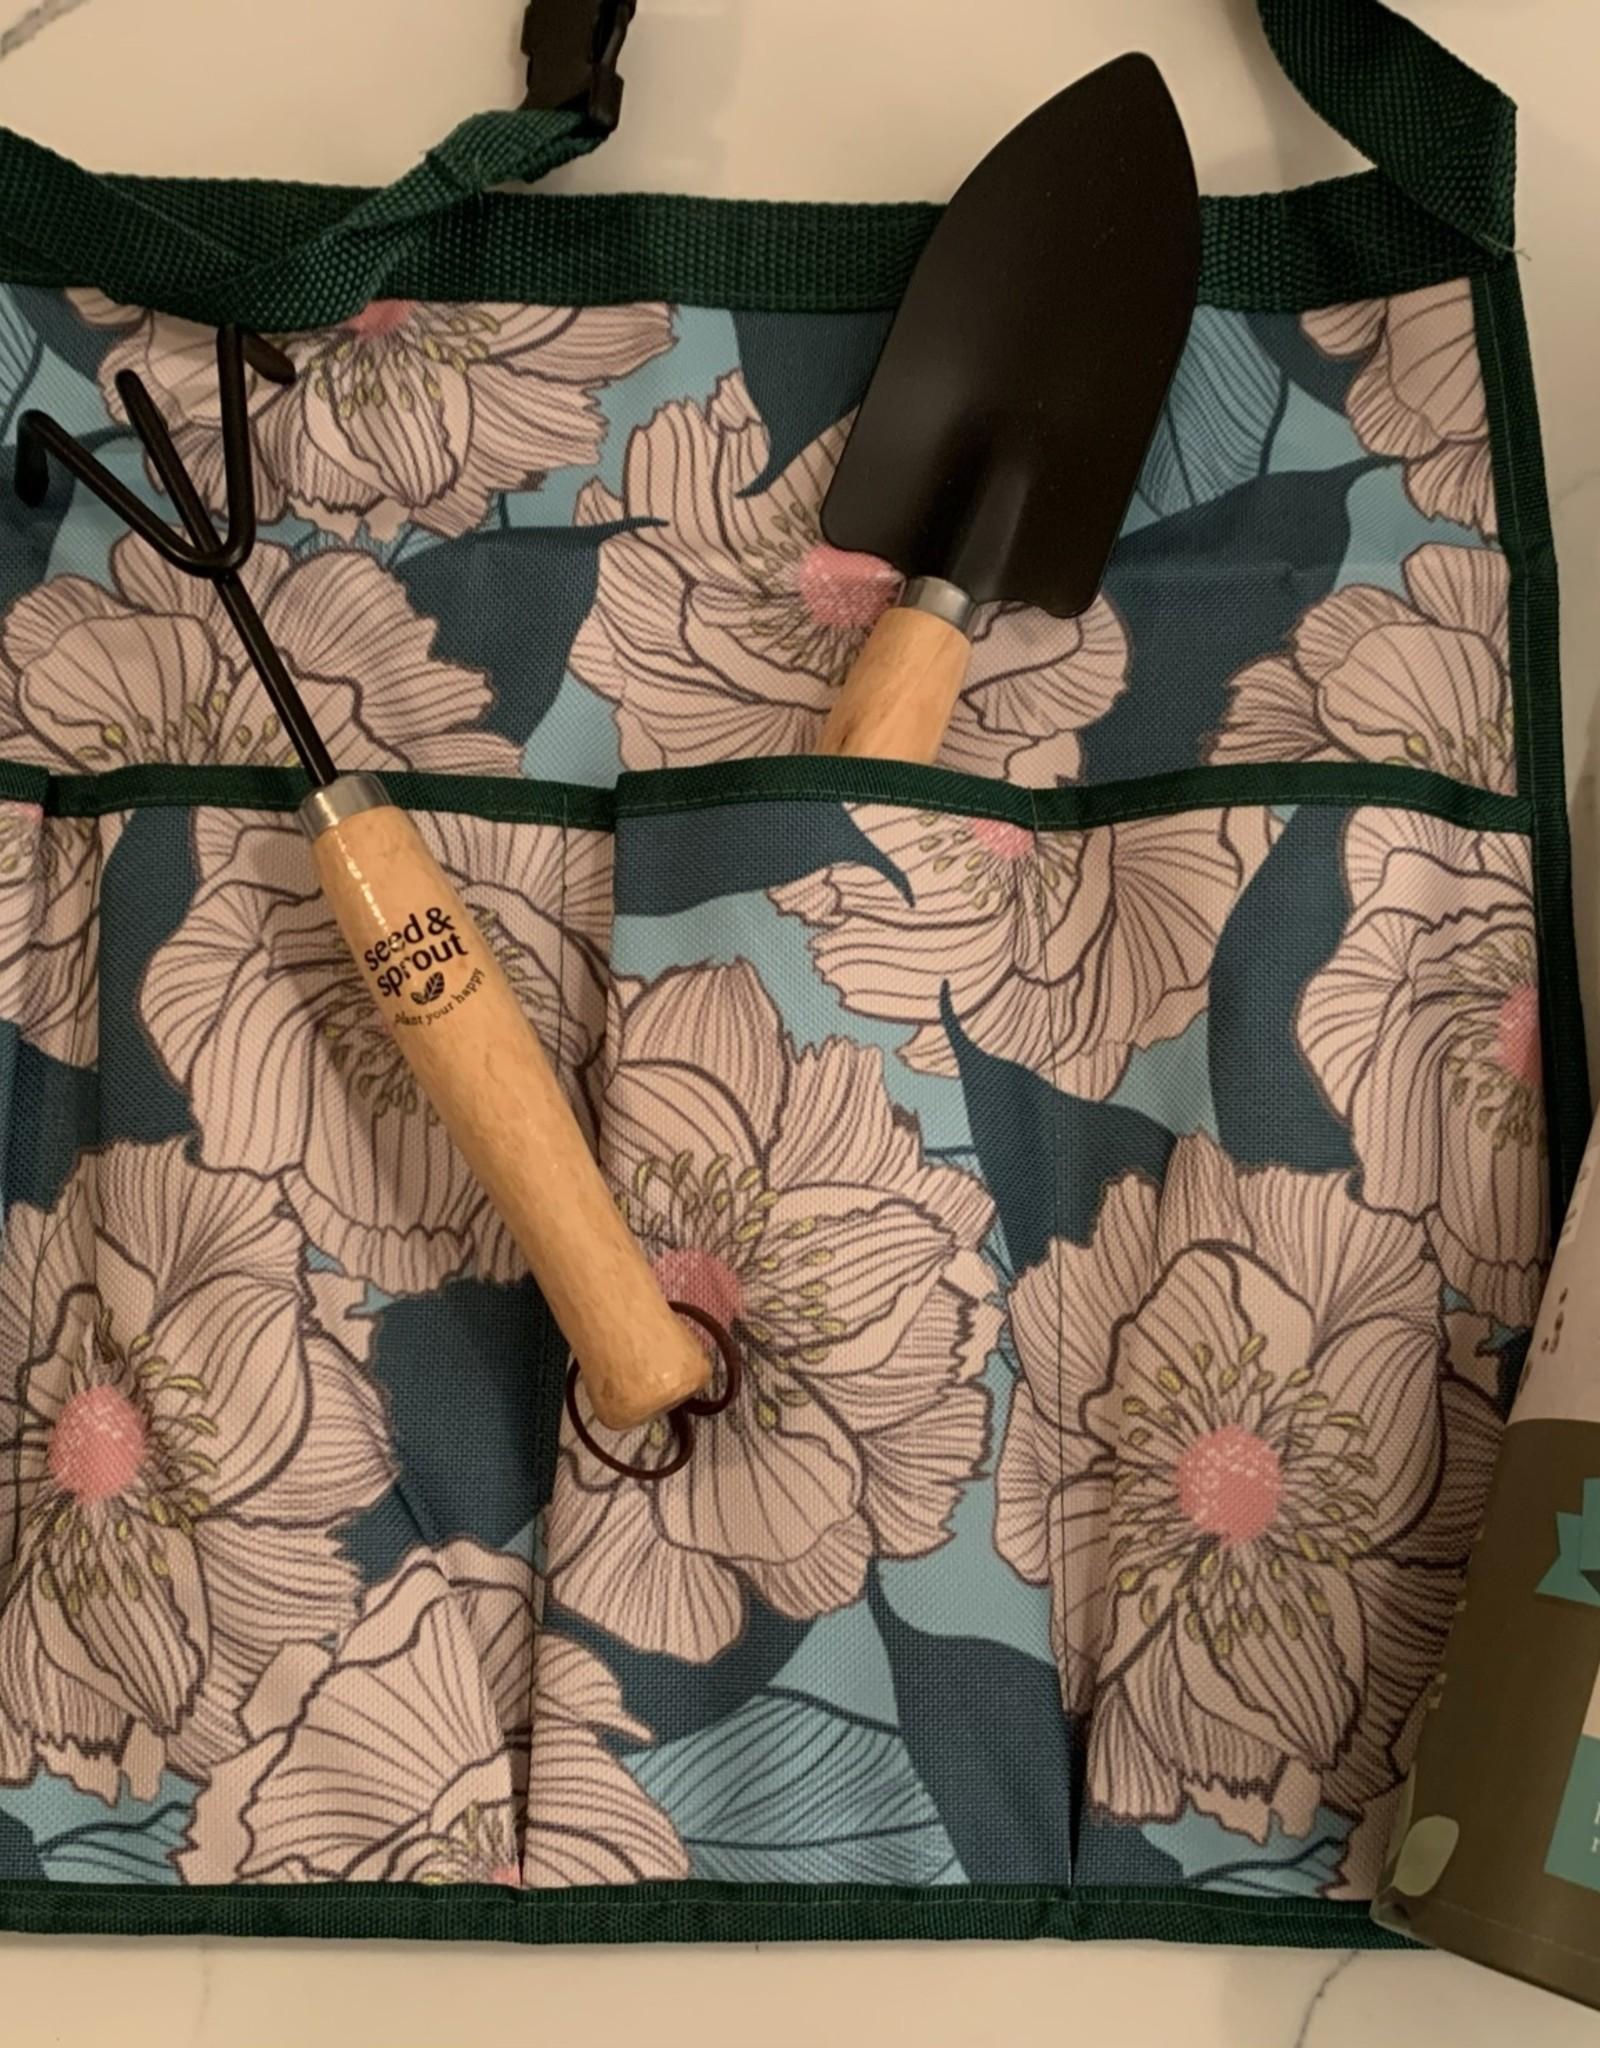 D.M. MERCHANDISING INC. Gardening Set-Botanical Blooms-Apron/Rake/Shovel